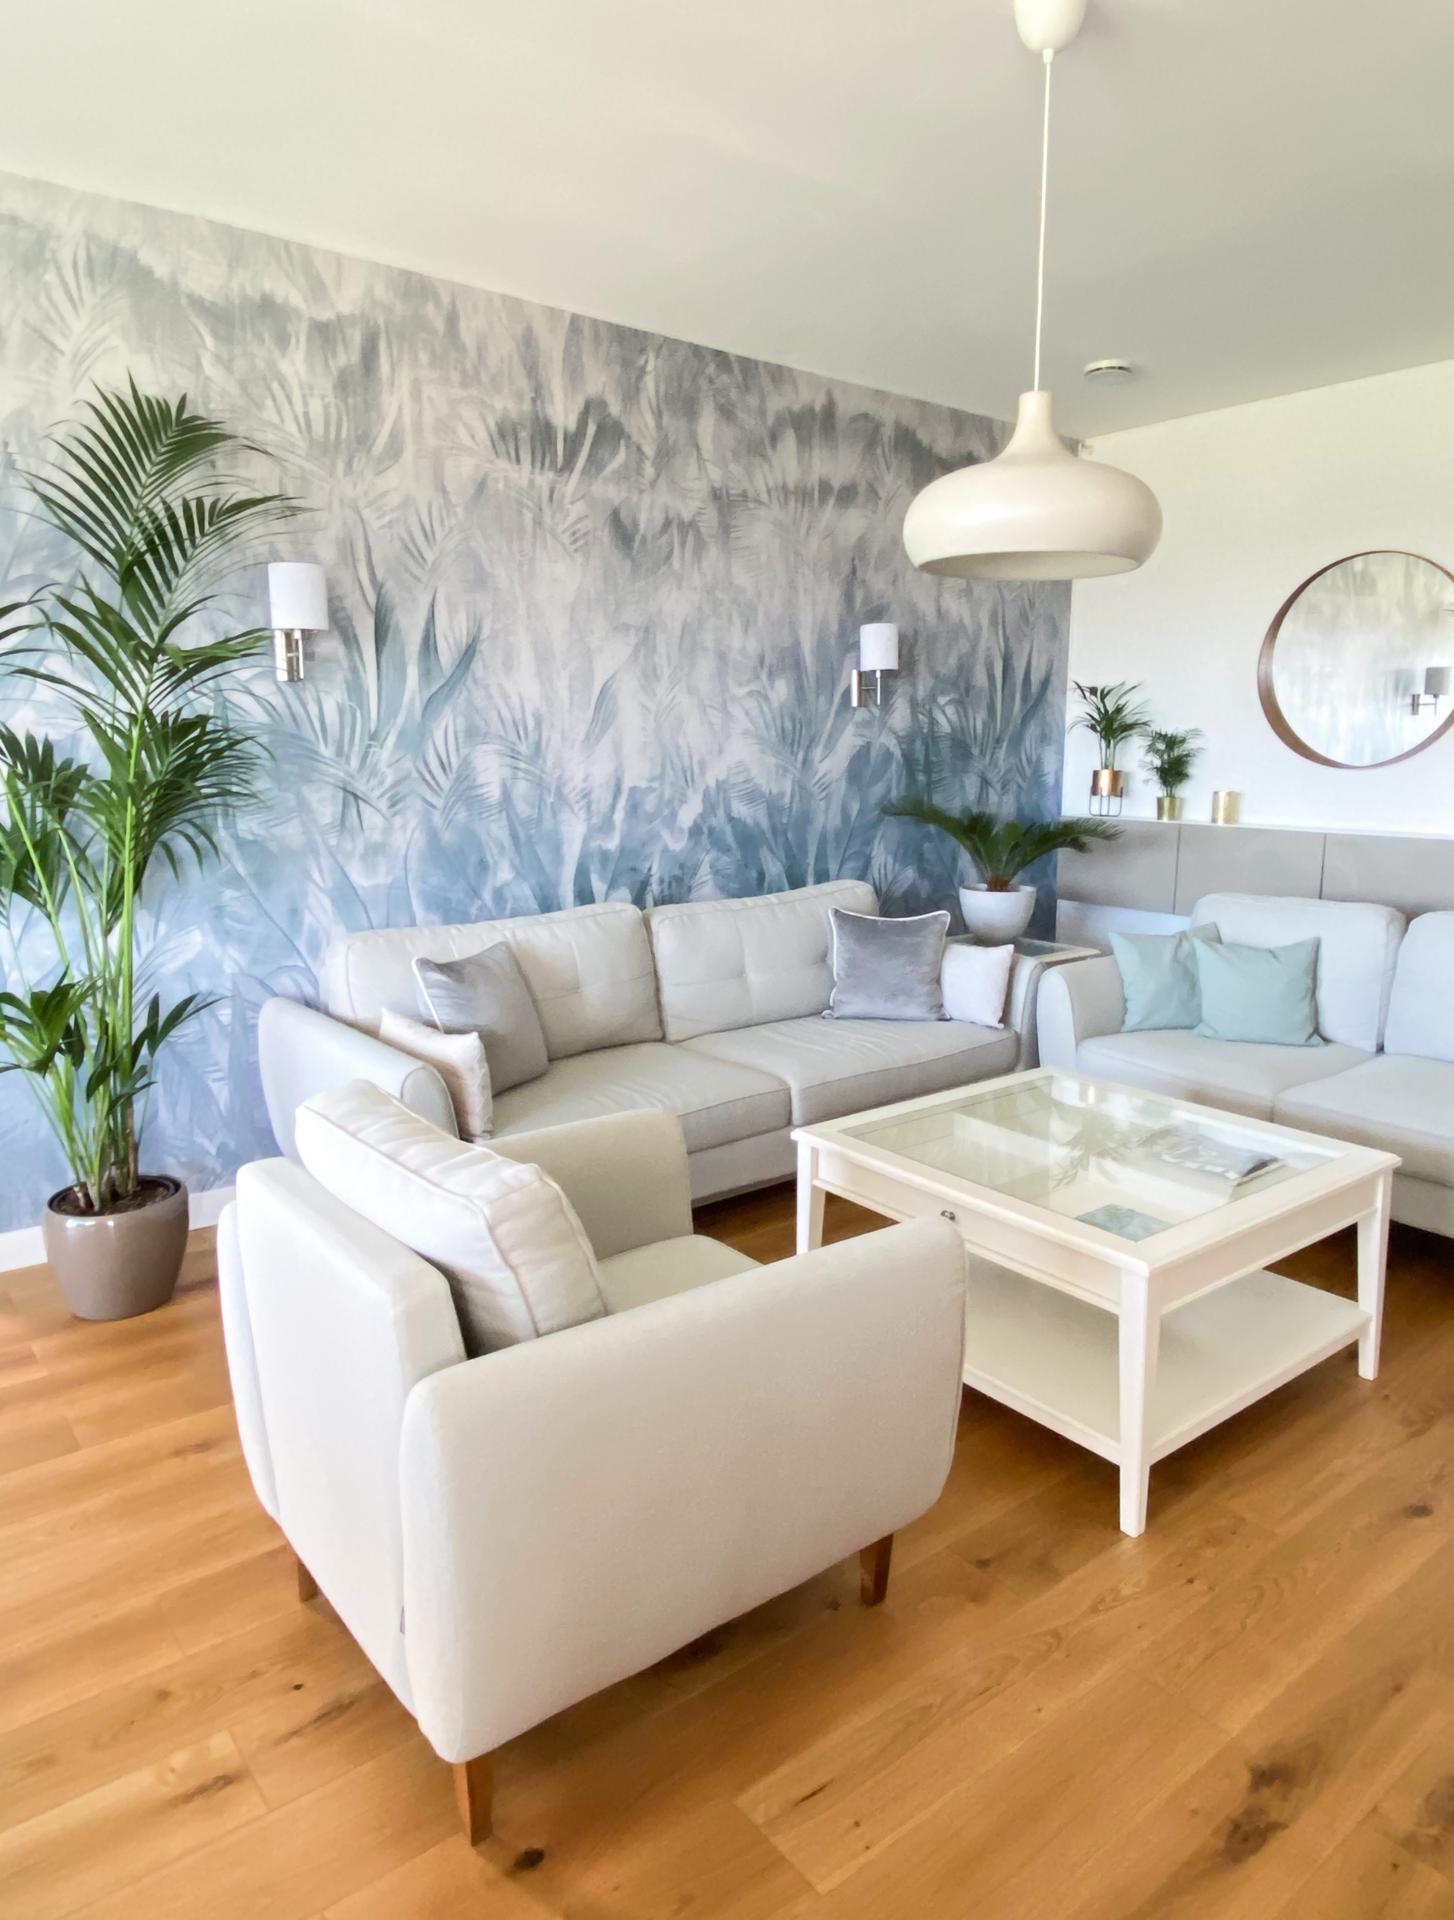 Obývačka 💙 - Obrázok č. 1